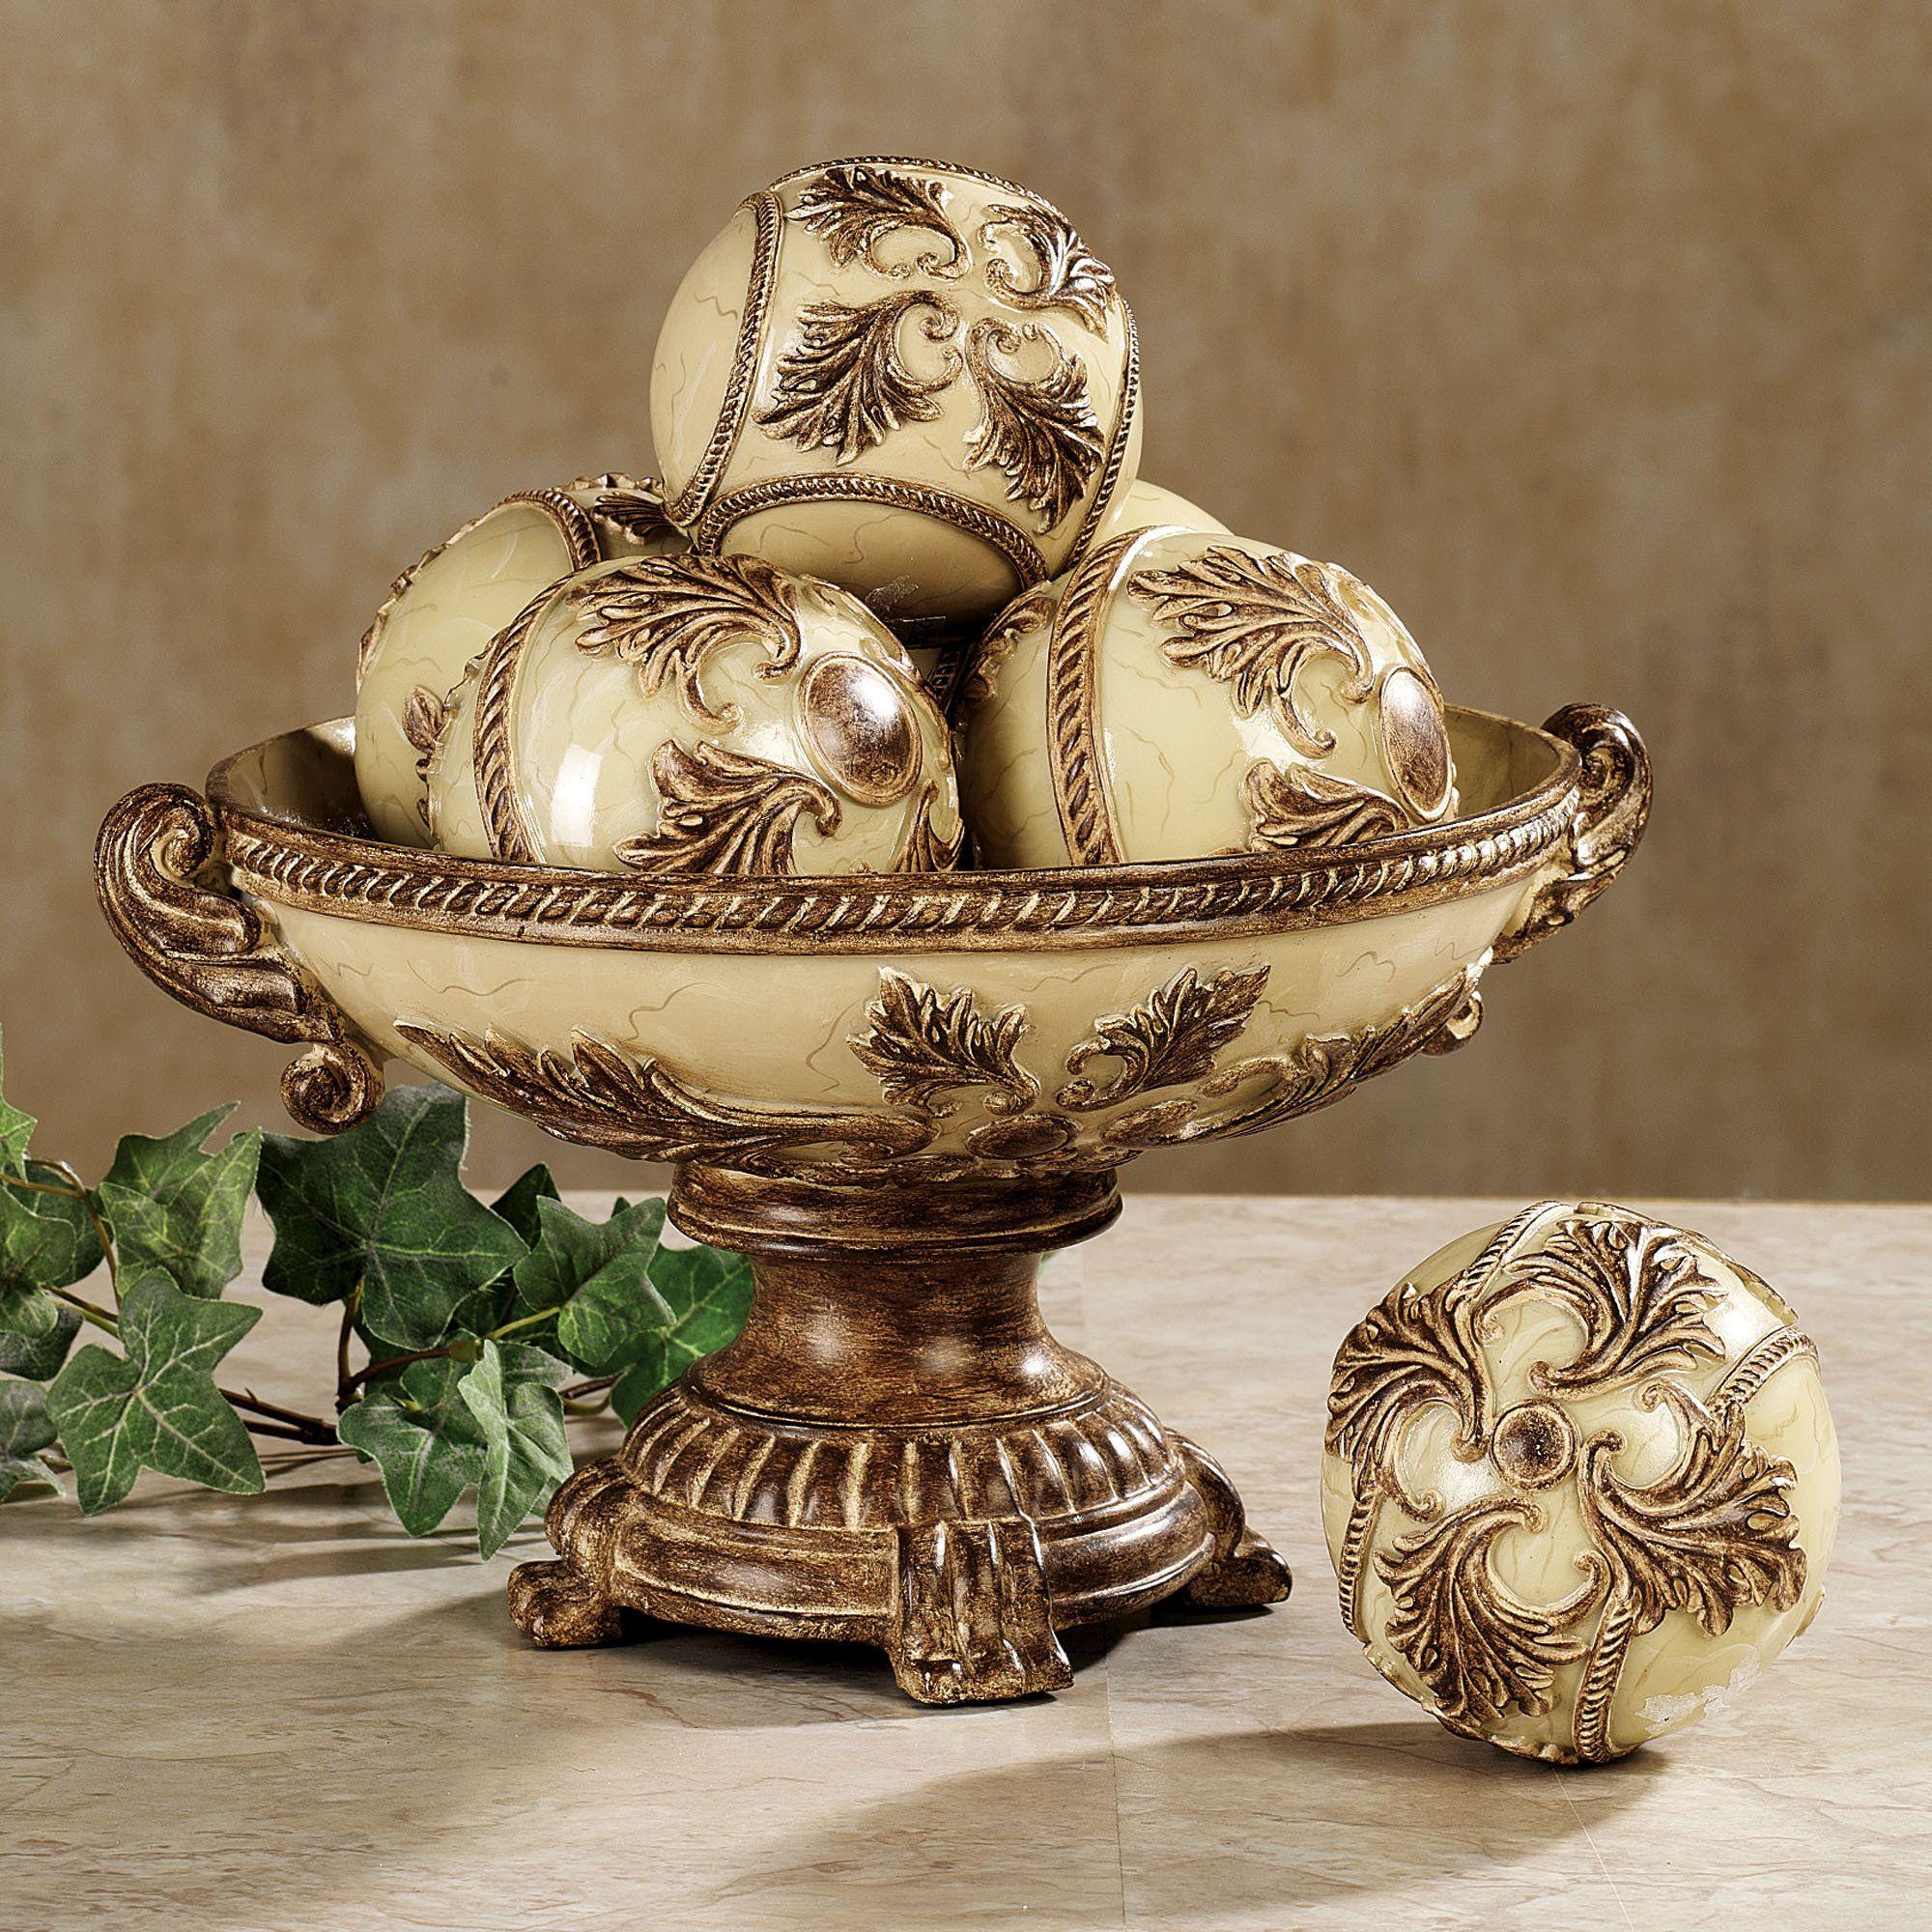 Vinelle Decorative Centerpiece Bowl Bowls Nest and Organizations